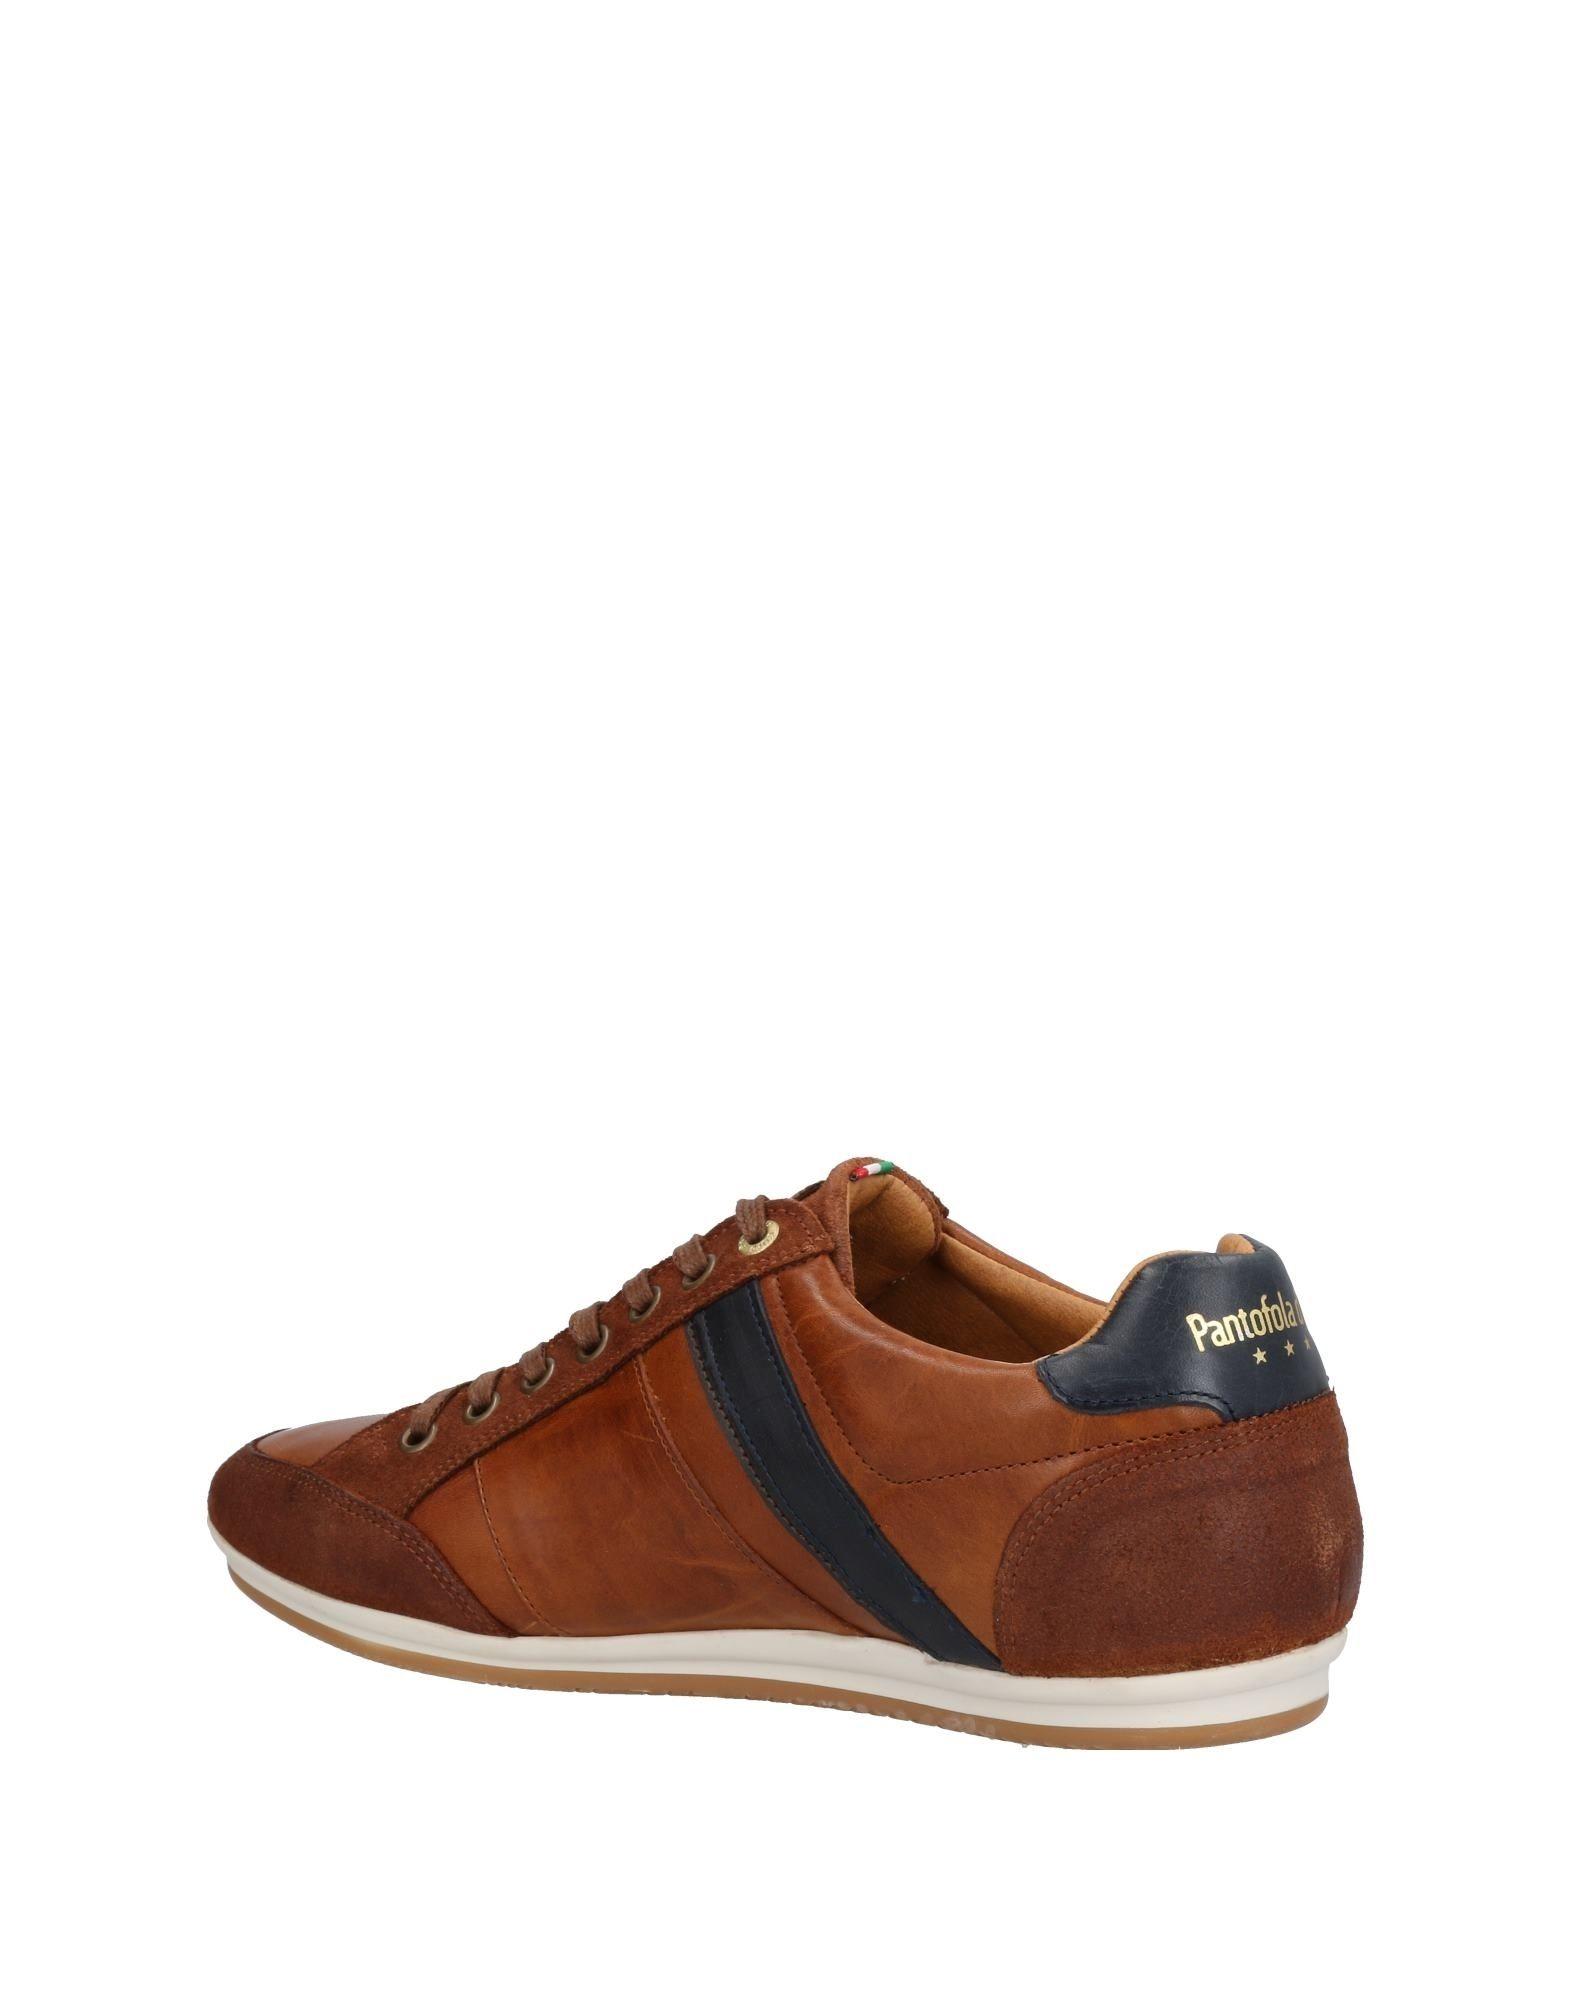 Rabatt echte Schuhe  Pantofola D'oro Sneakers Herren  Schuhe 11456685VI 88598b